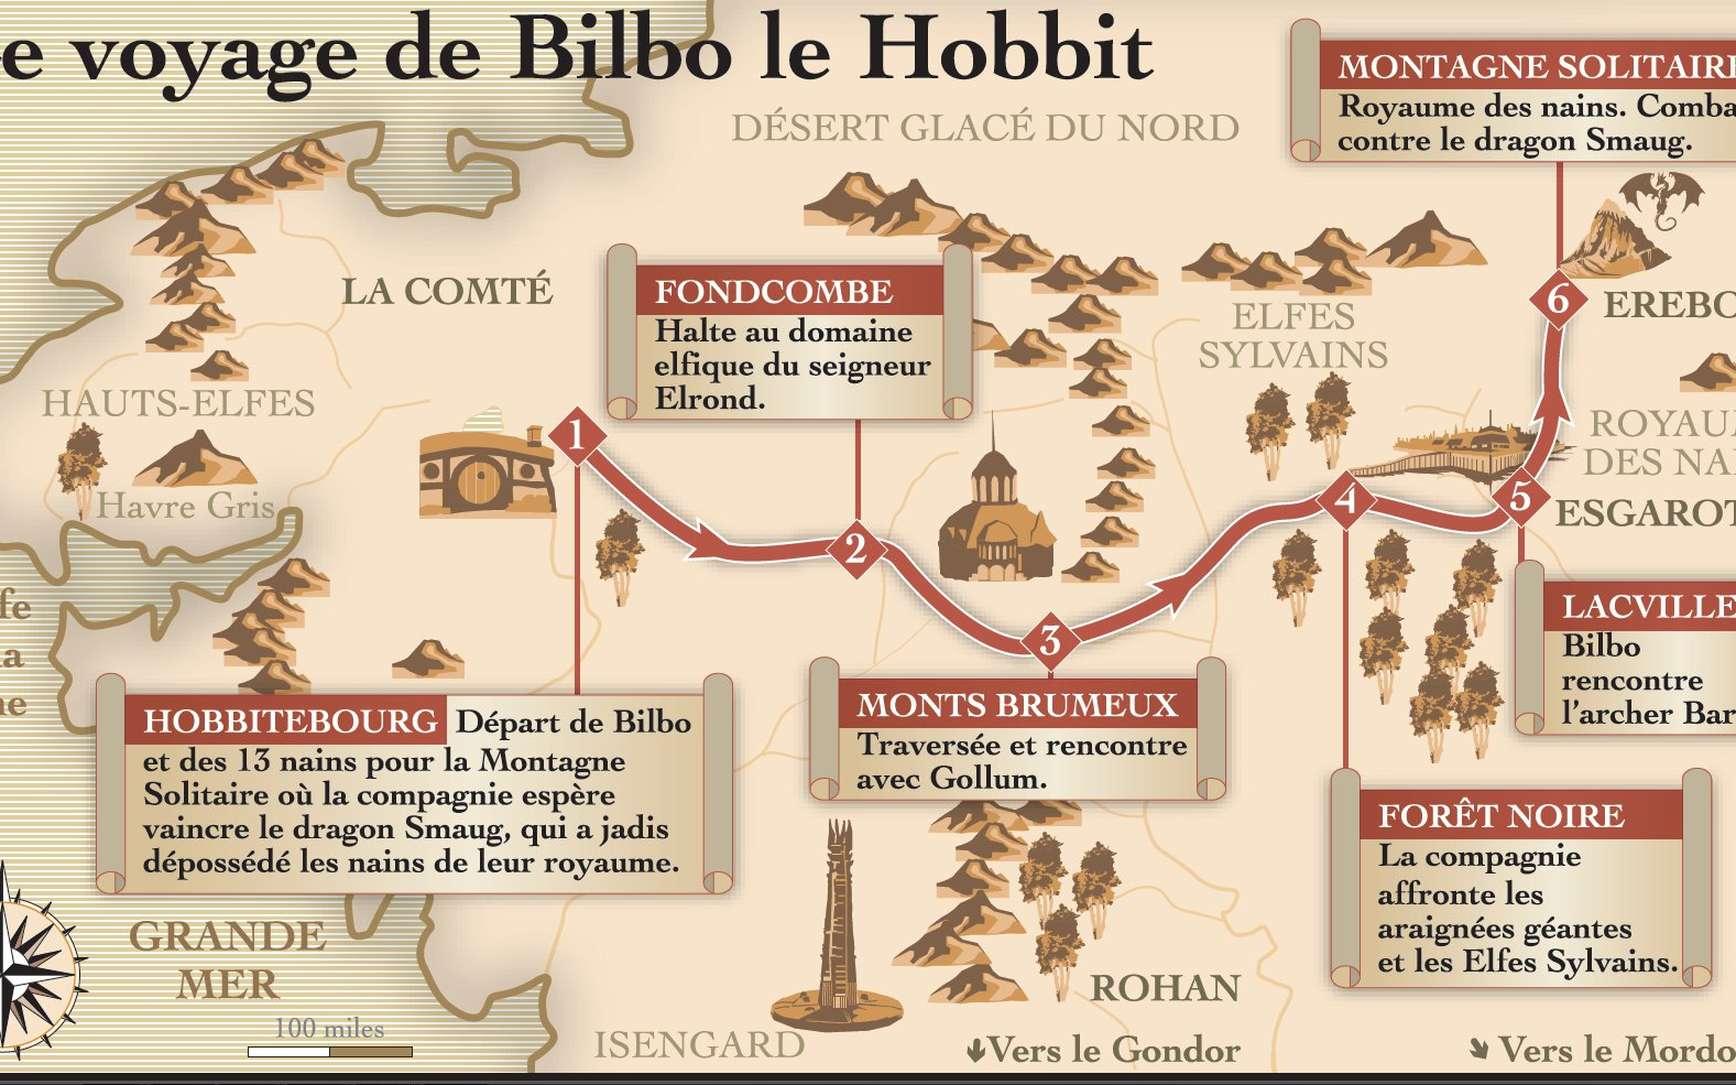 La carte montrant l'itinéraire du Hobbit Bilbo. On connaît maintenant les températures et la pluviométrie qu'il a dû rencontrer. © Idé